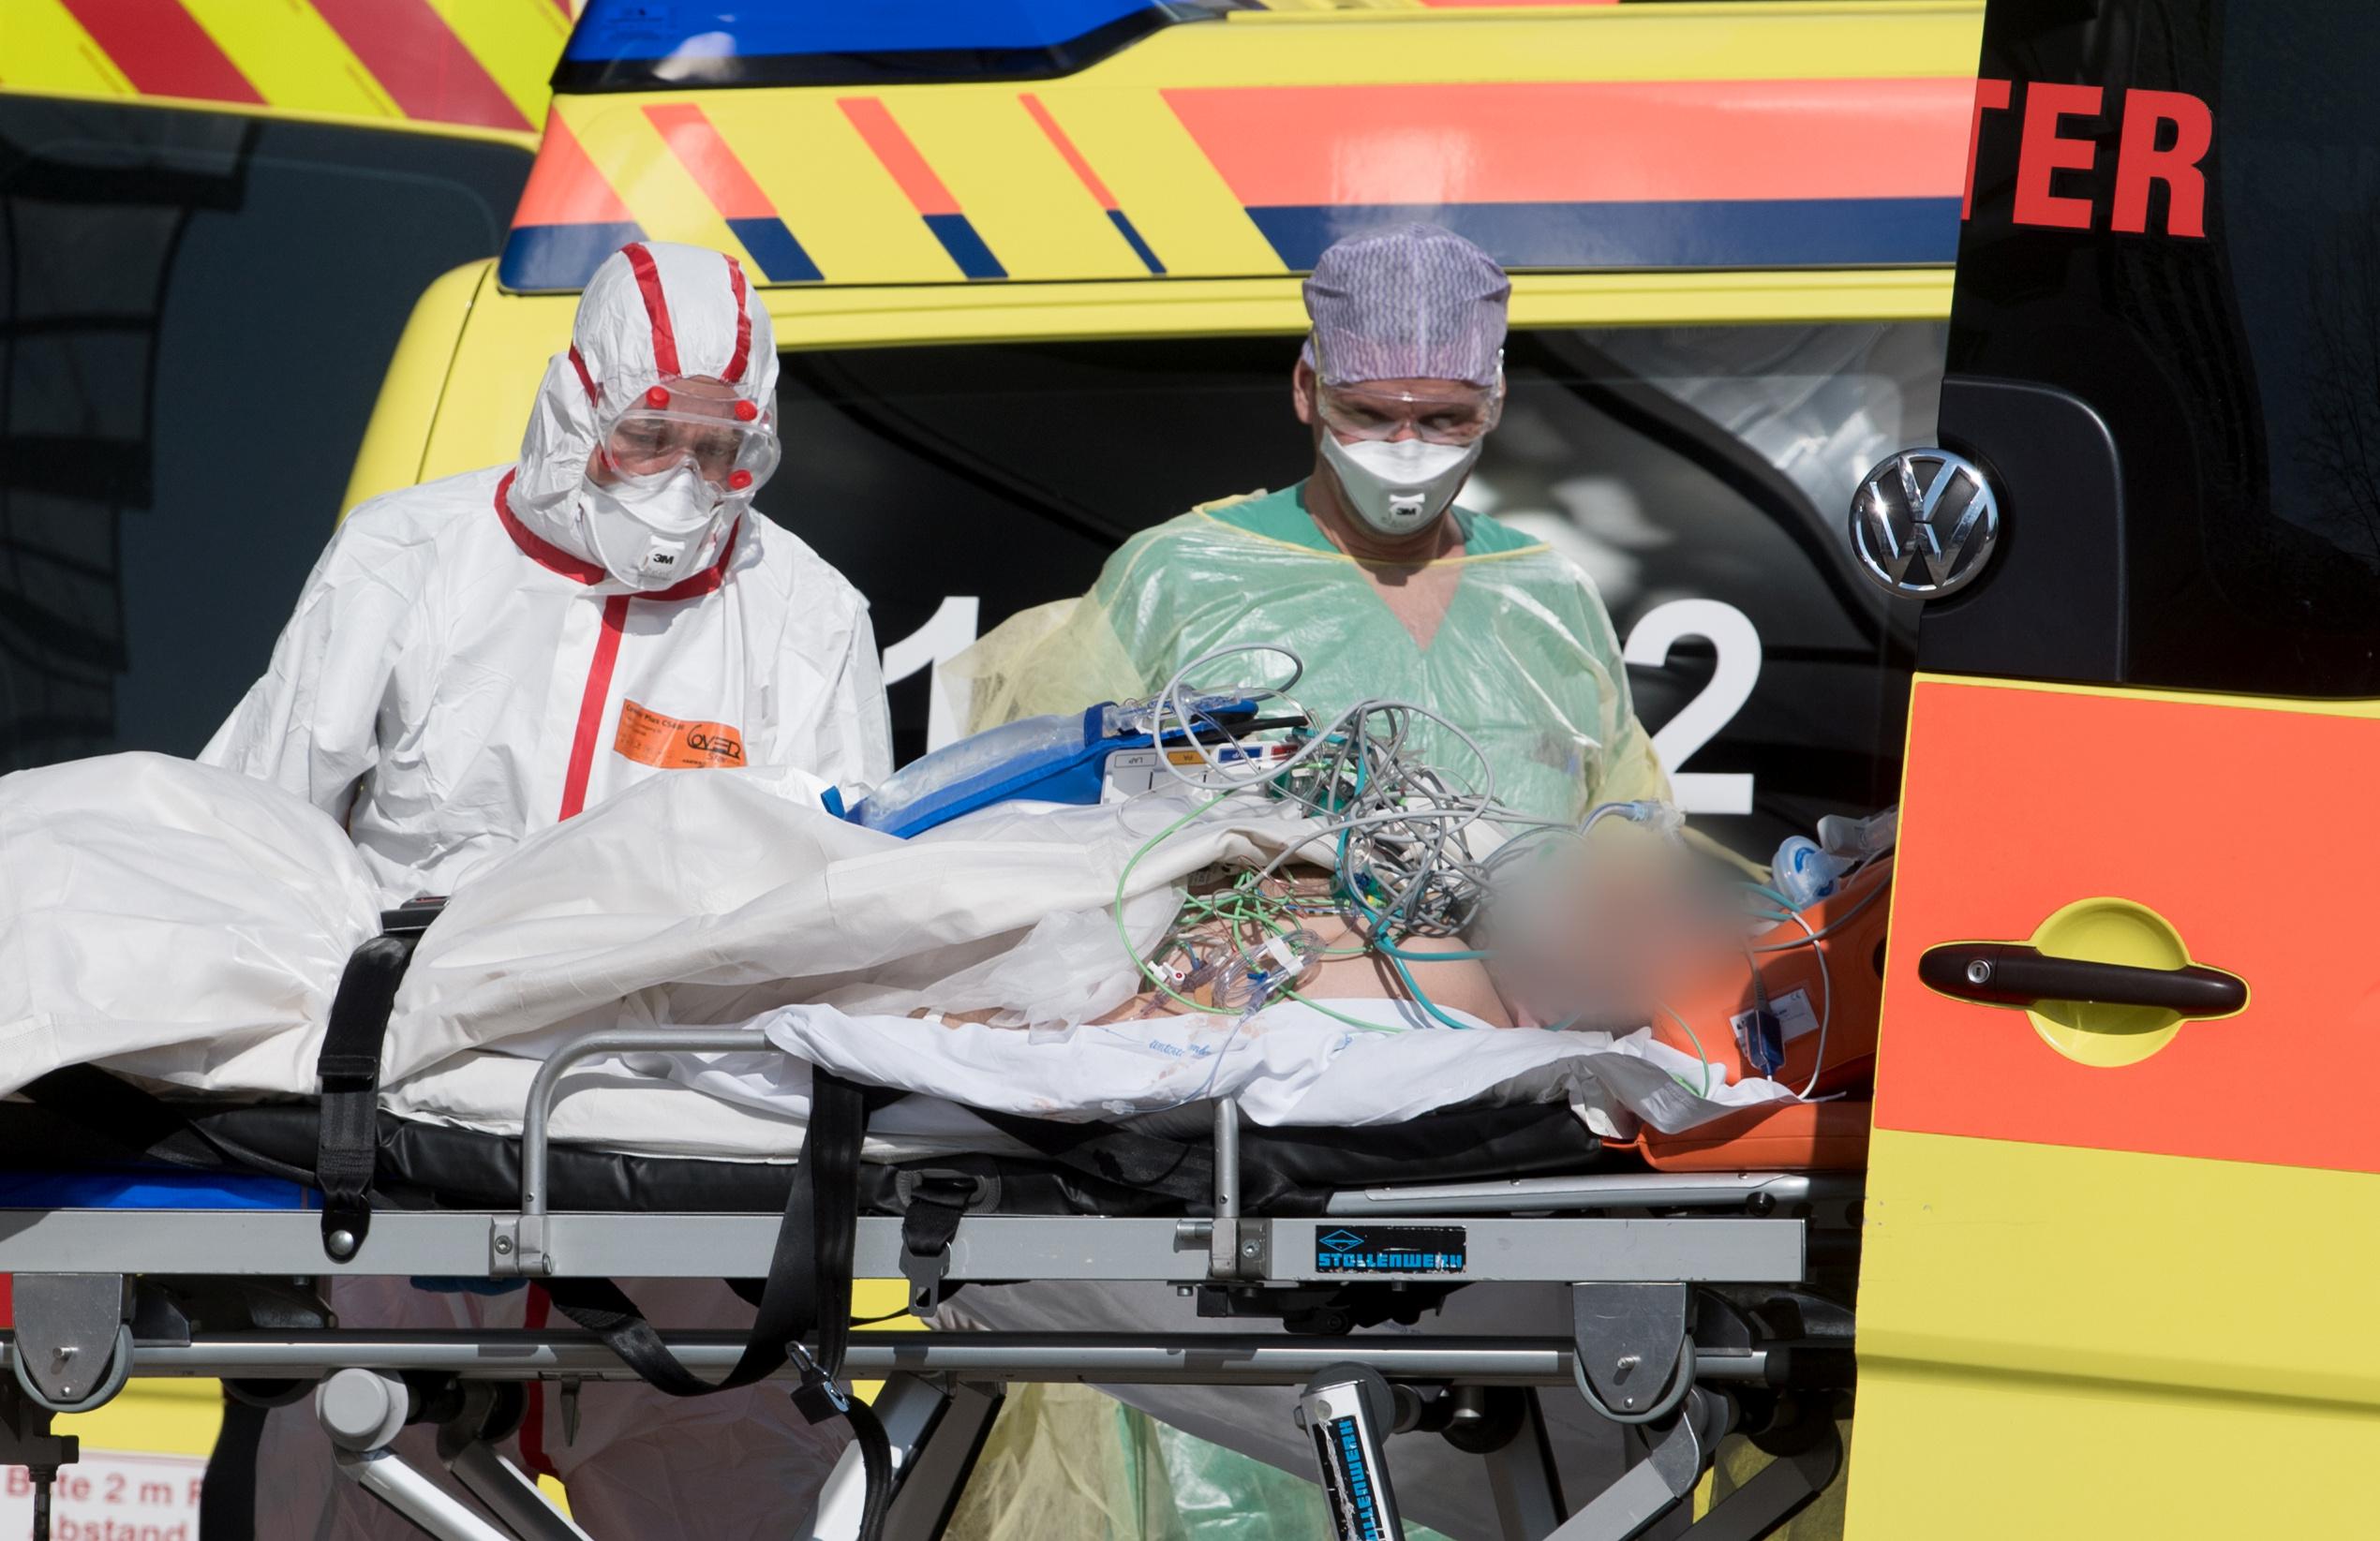 Άλλοι 50 θάνατοι στη Γερμανία, πάνω από 36.000 τα κρούσματα κορονοϊού